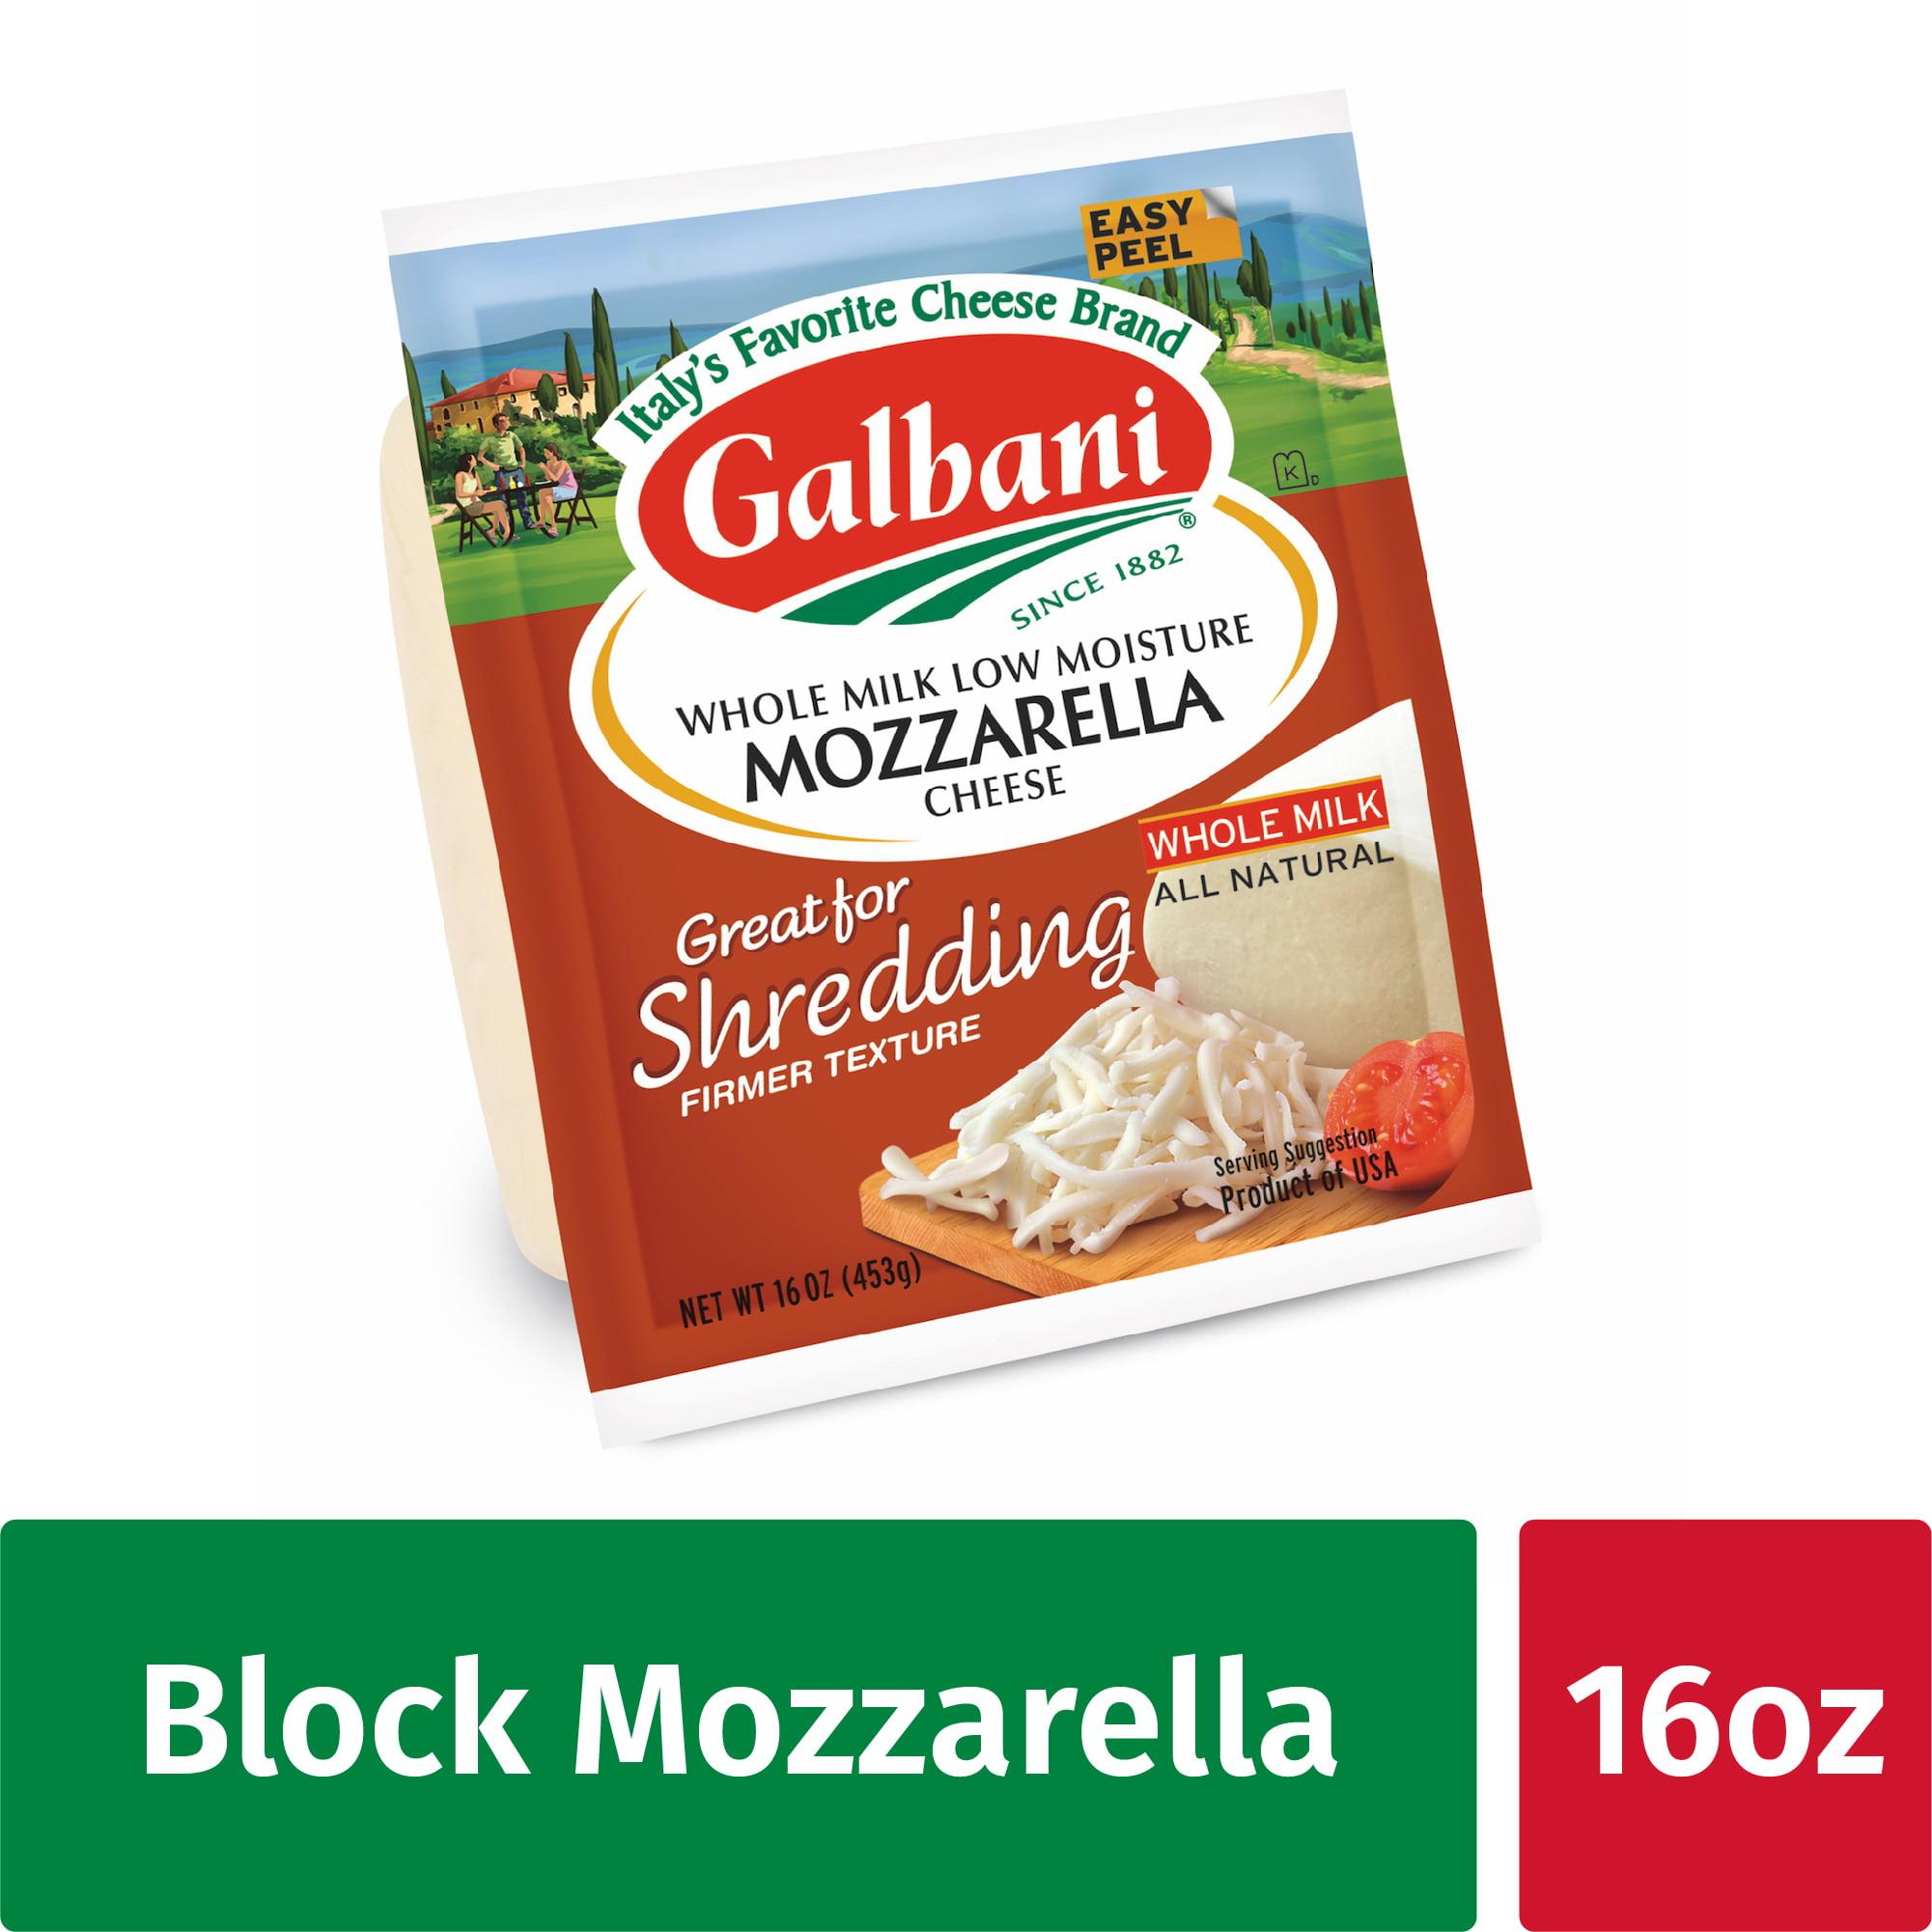 Galbani Whole Milk Low Moisture Mozzarella Cheese 16 Oz